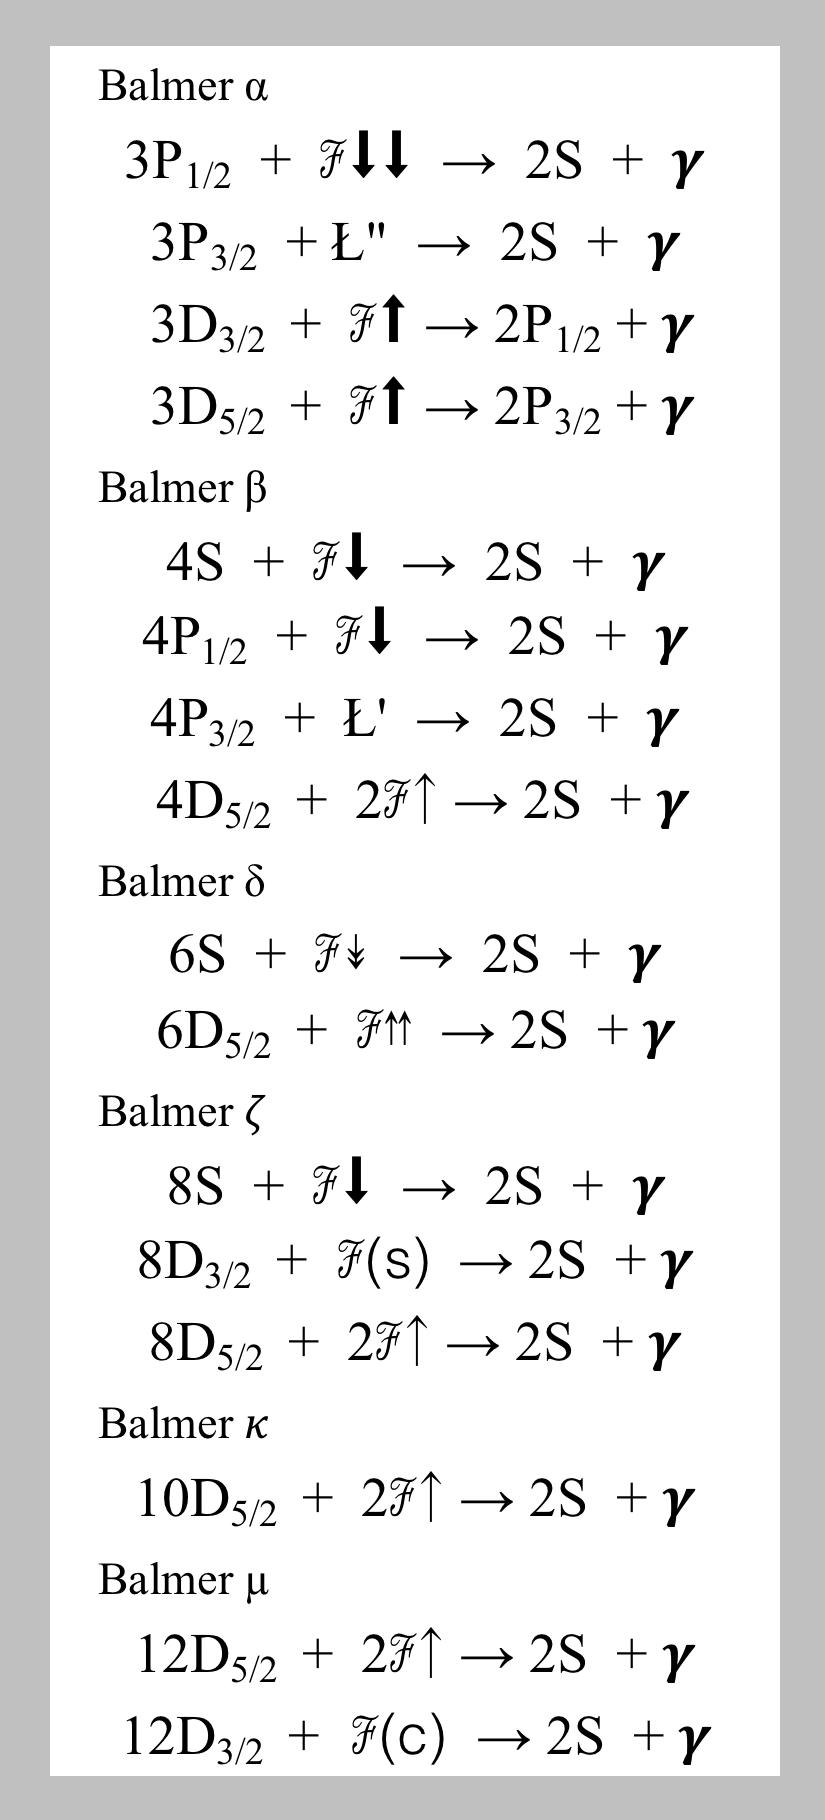 balmer-processes.png